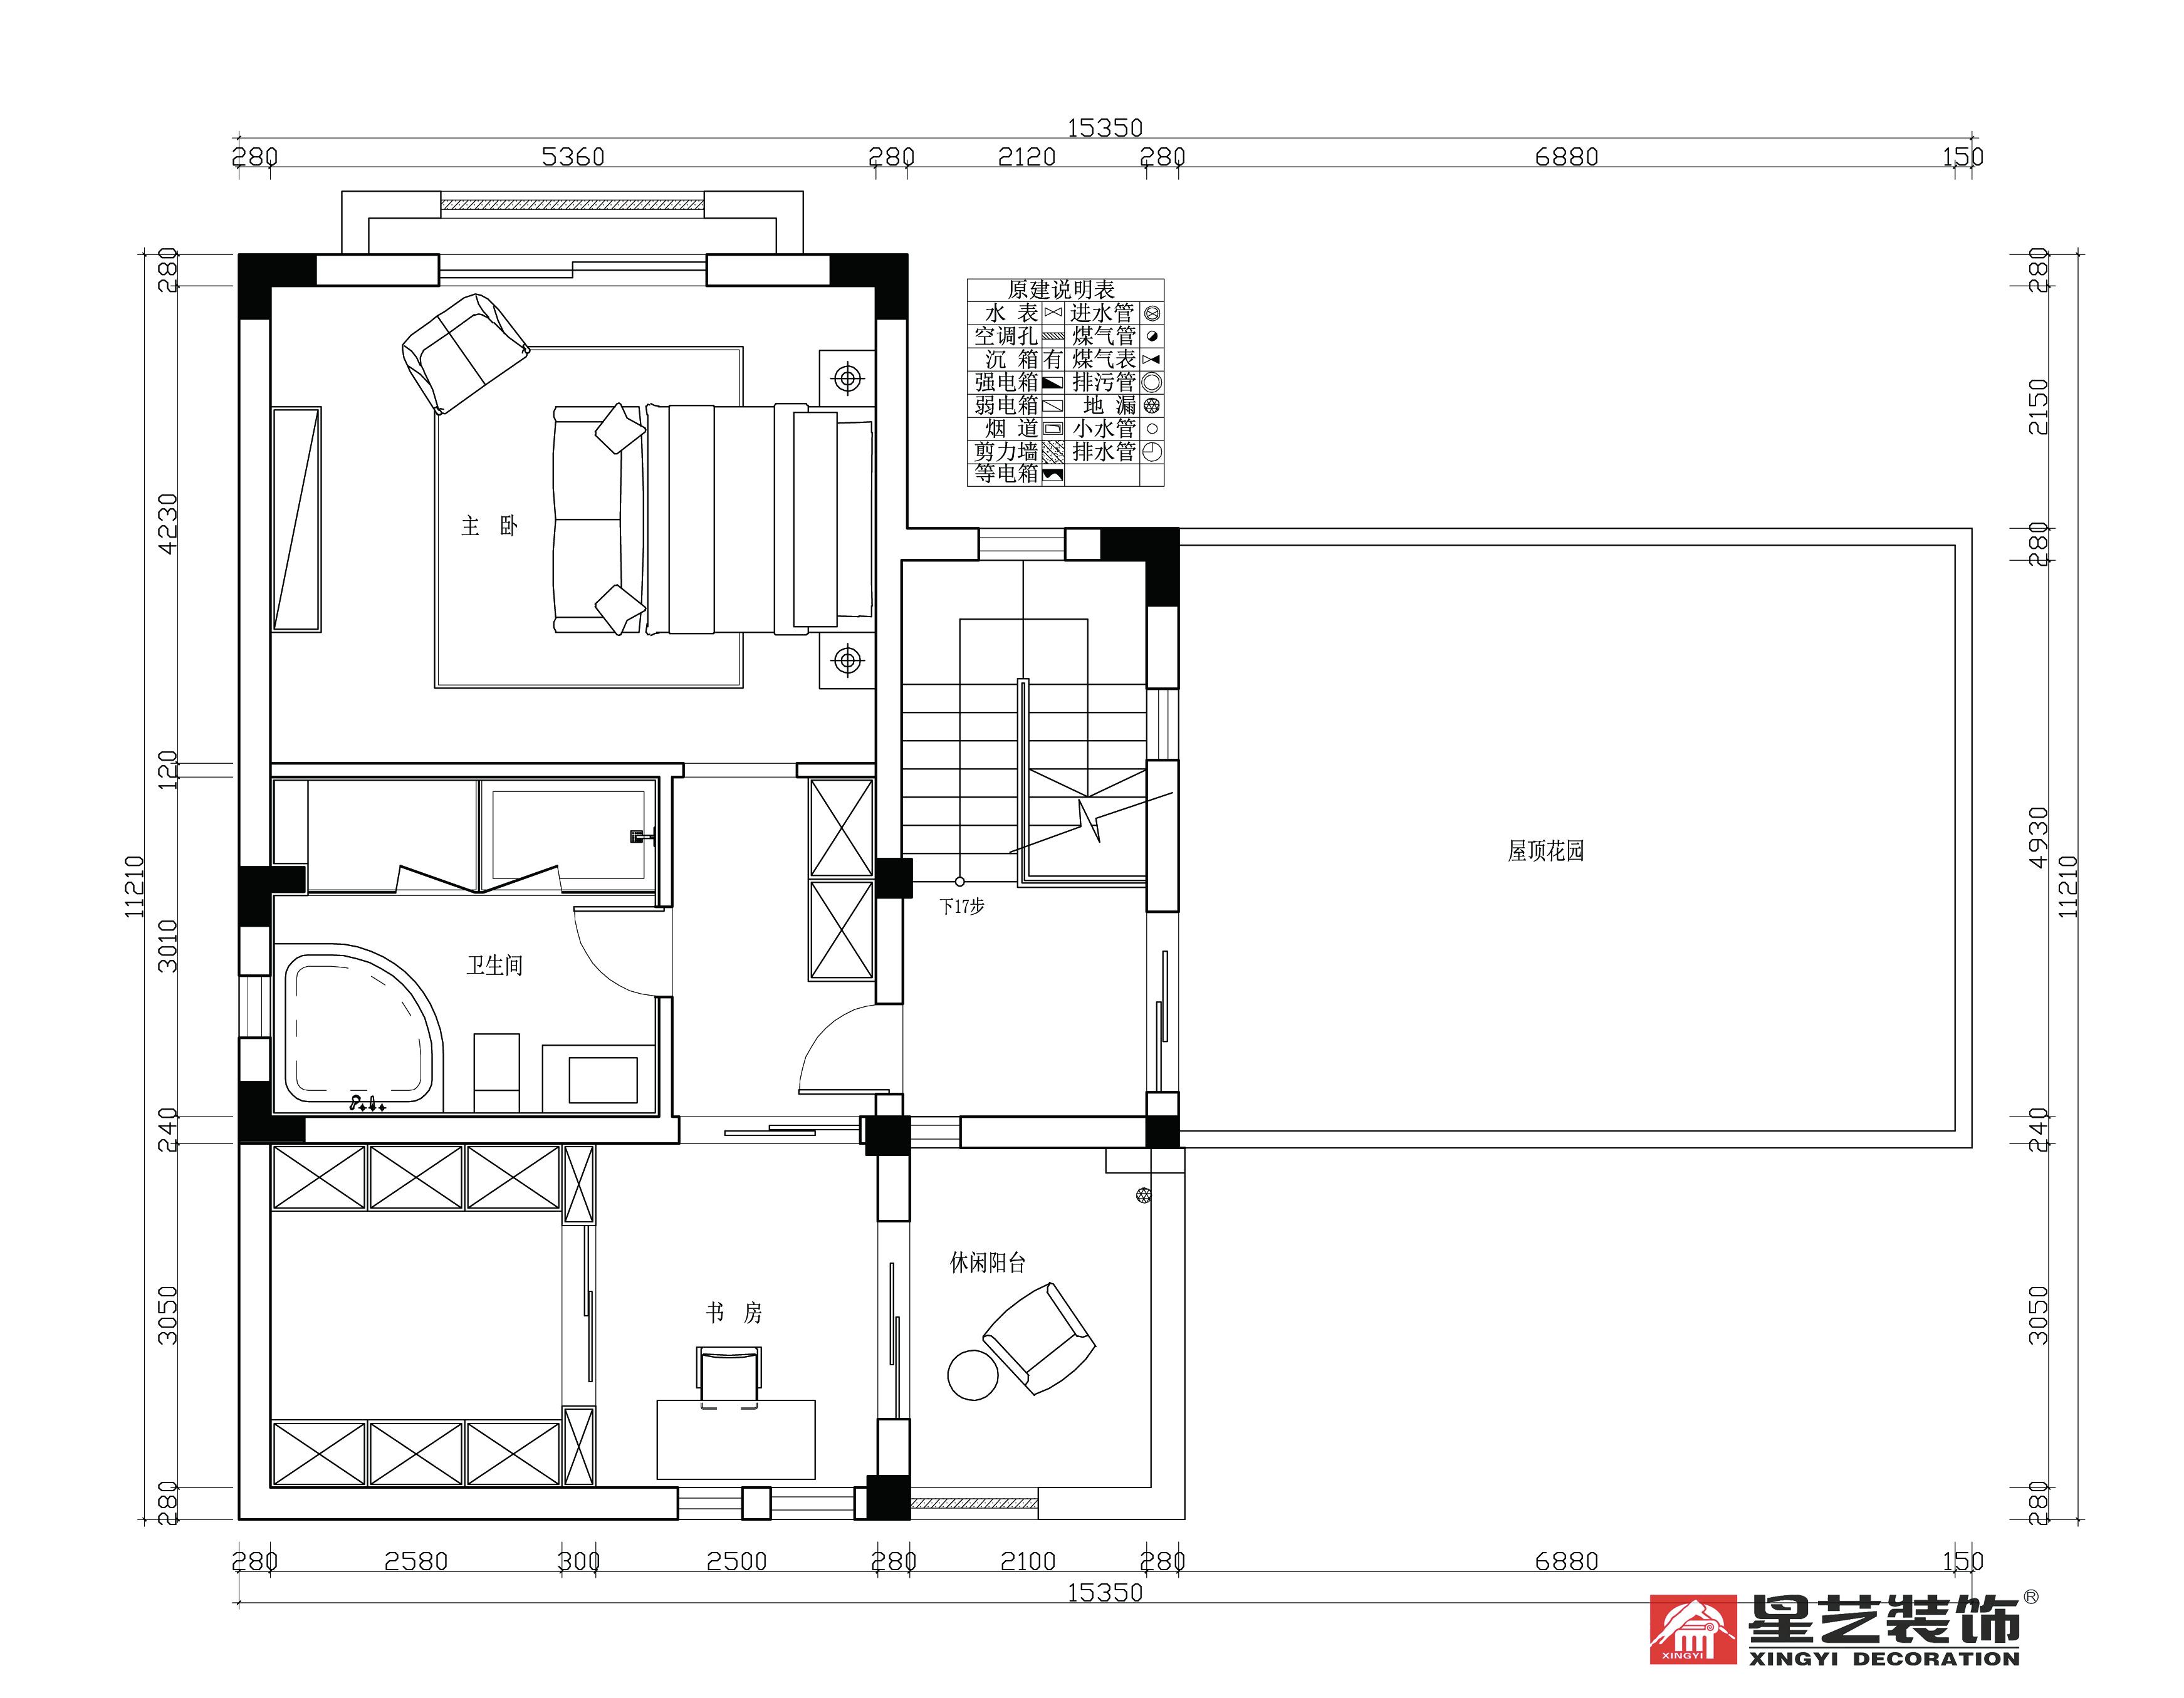 别墅 中式 星艺装饰 新古典 户型图图片来自星艺装饰在贵州在星艺装饰·别墅设计的分享